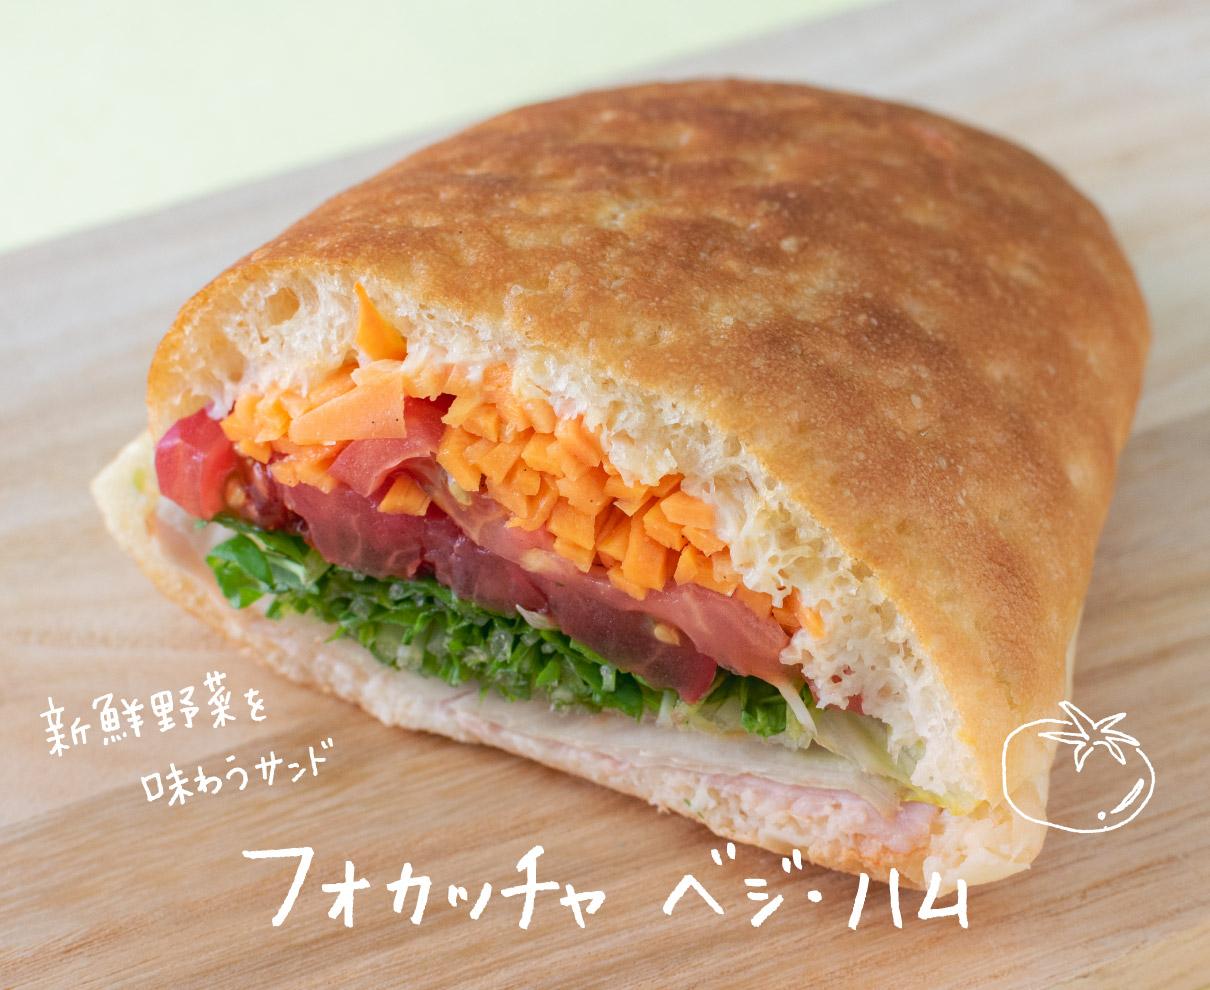 シャキシャキ野菜がたっぷり! サラダ感覚で味わうフォカッチャサンド|bakerium(ベイカリウム)